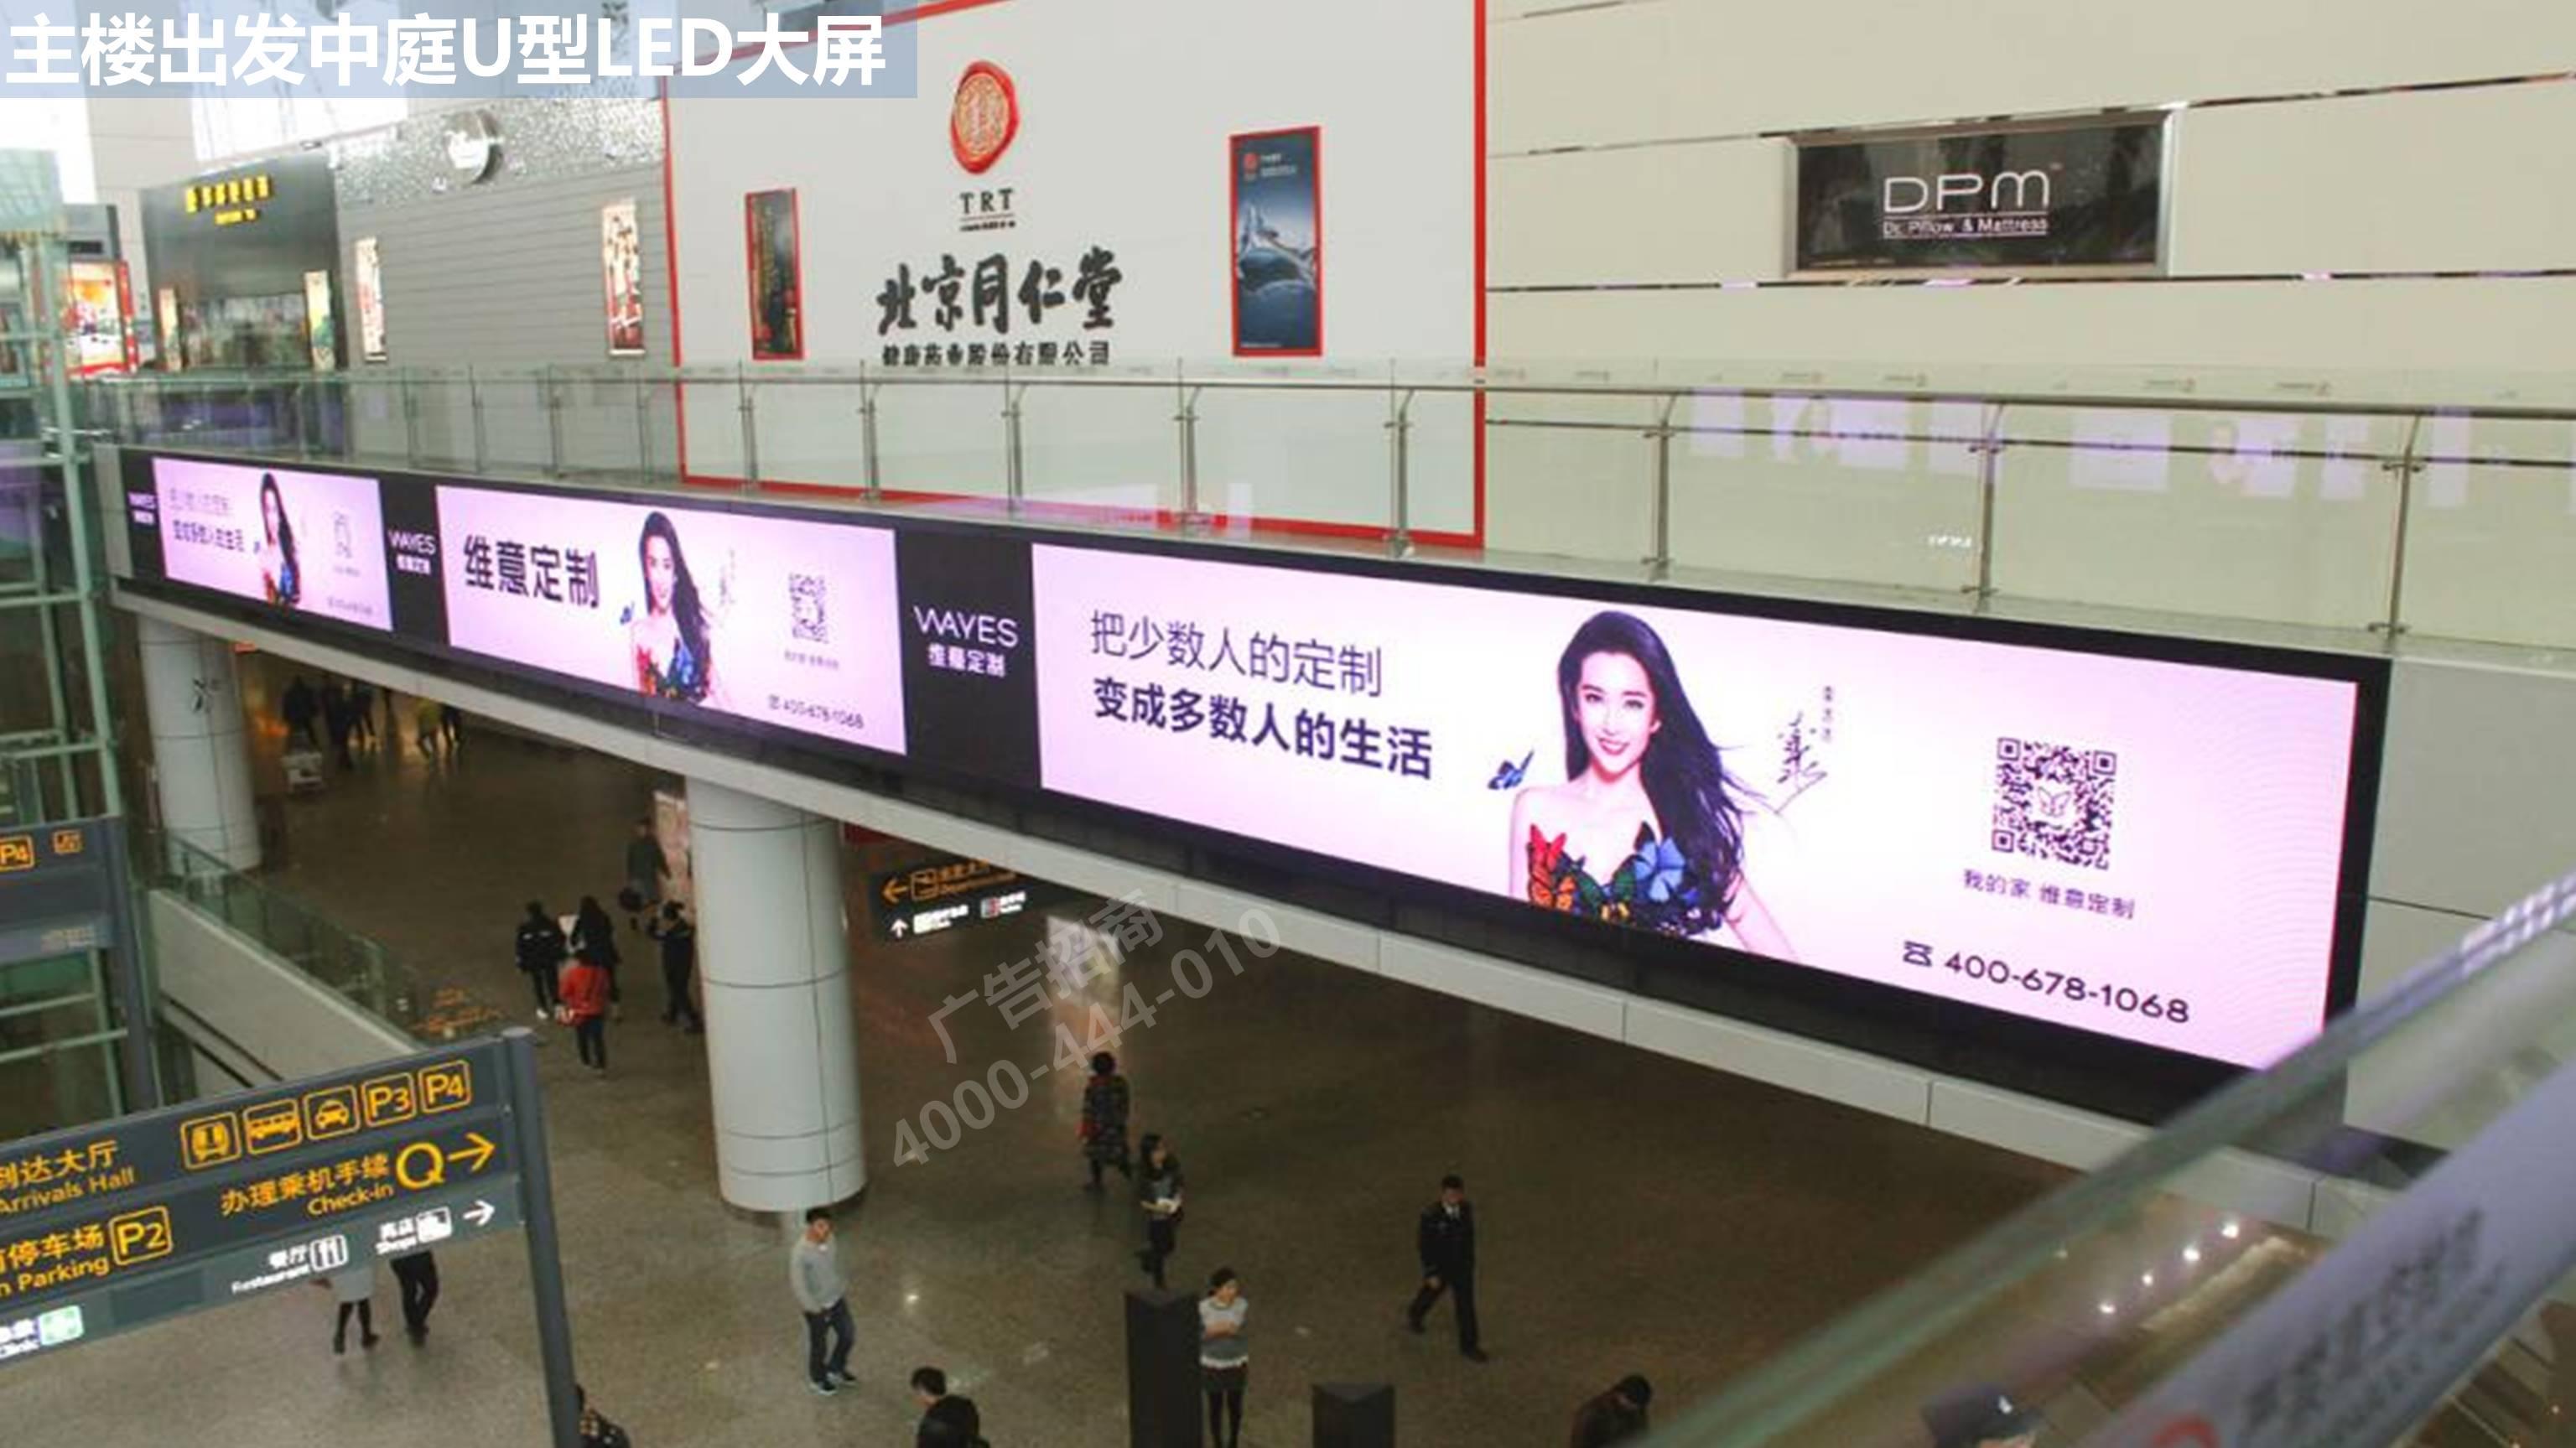 广州机场广告出发中庭LED大屏